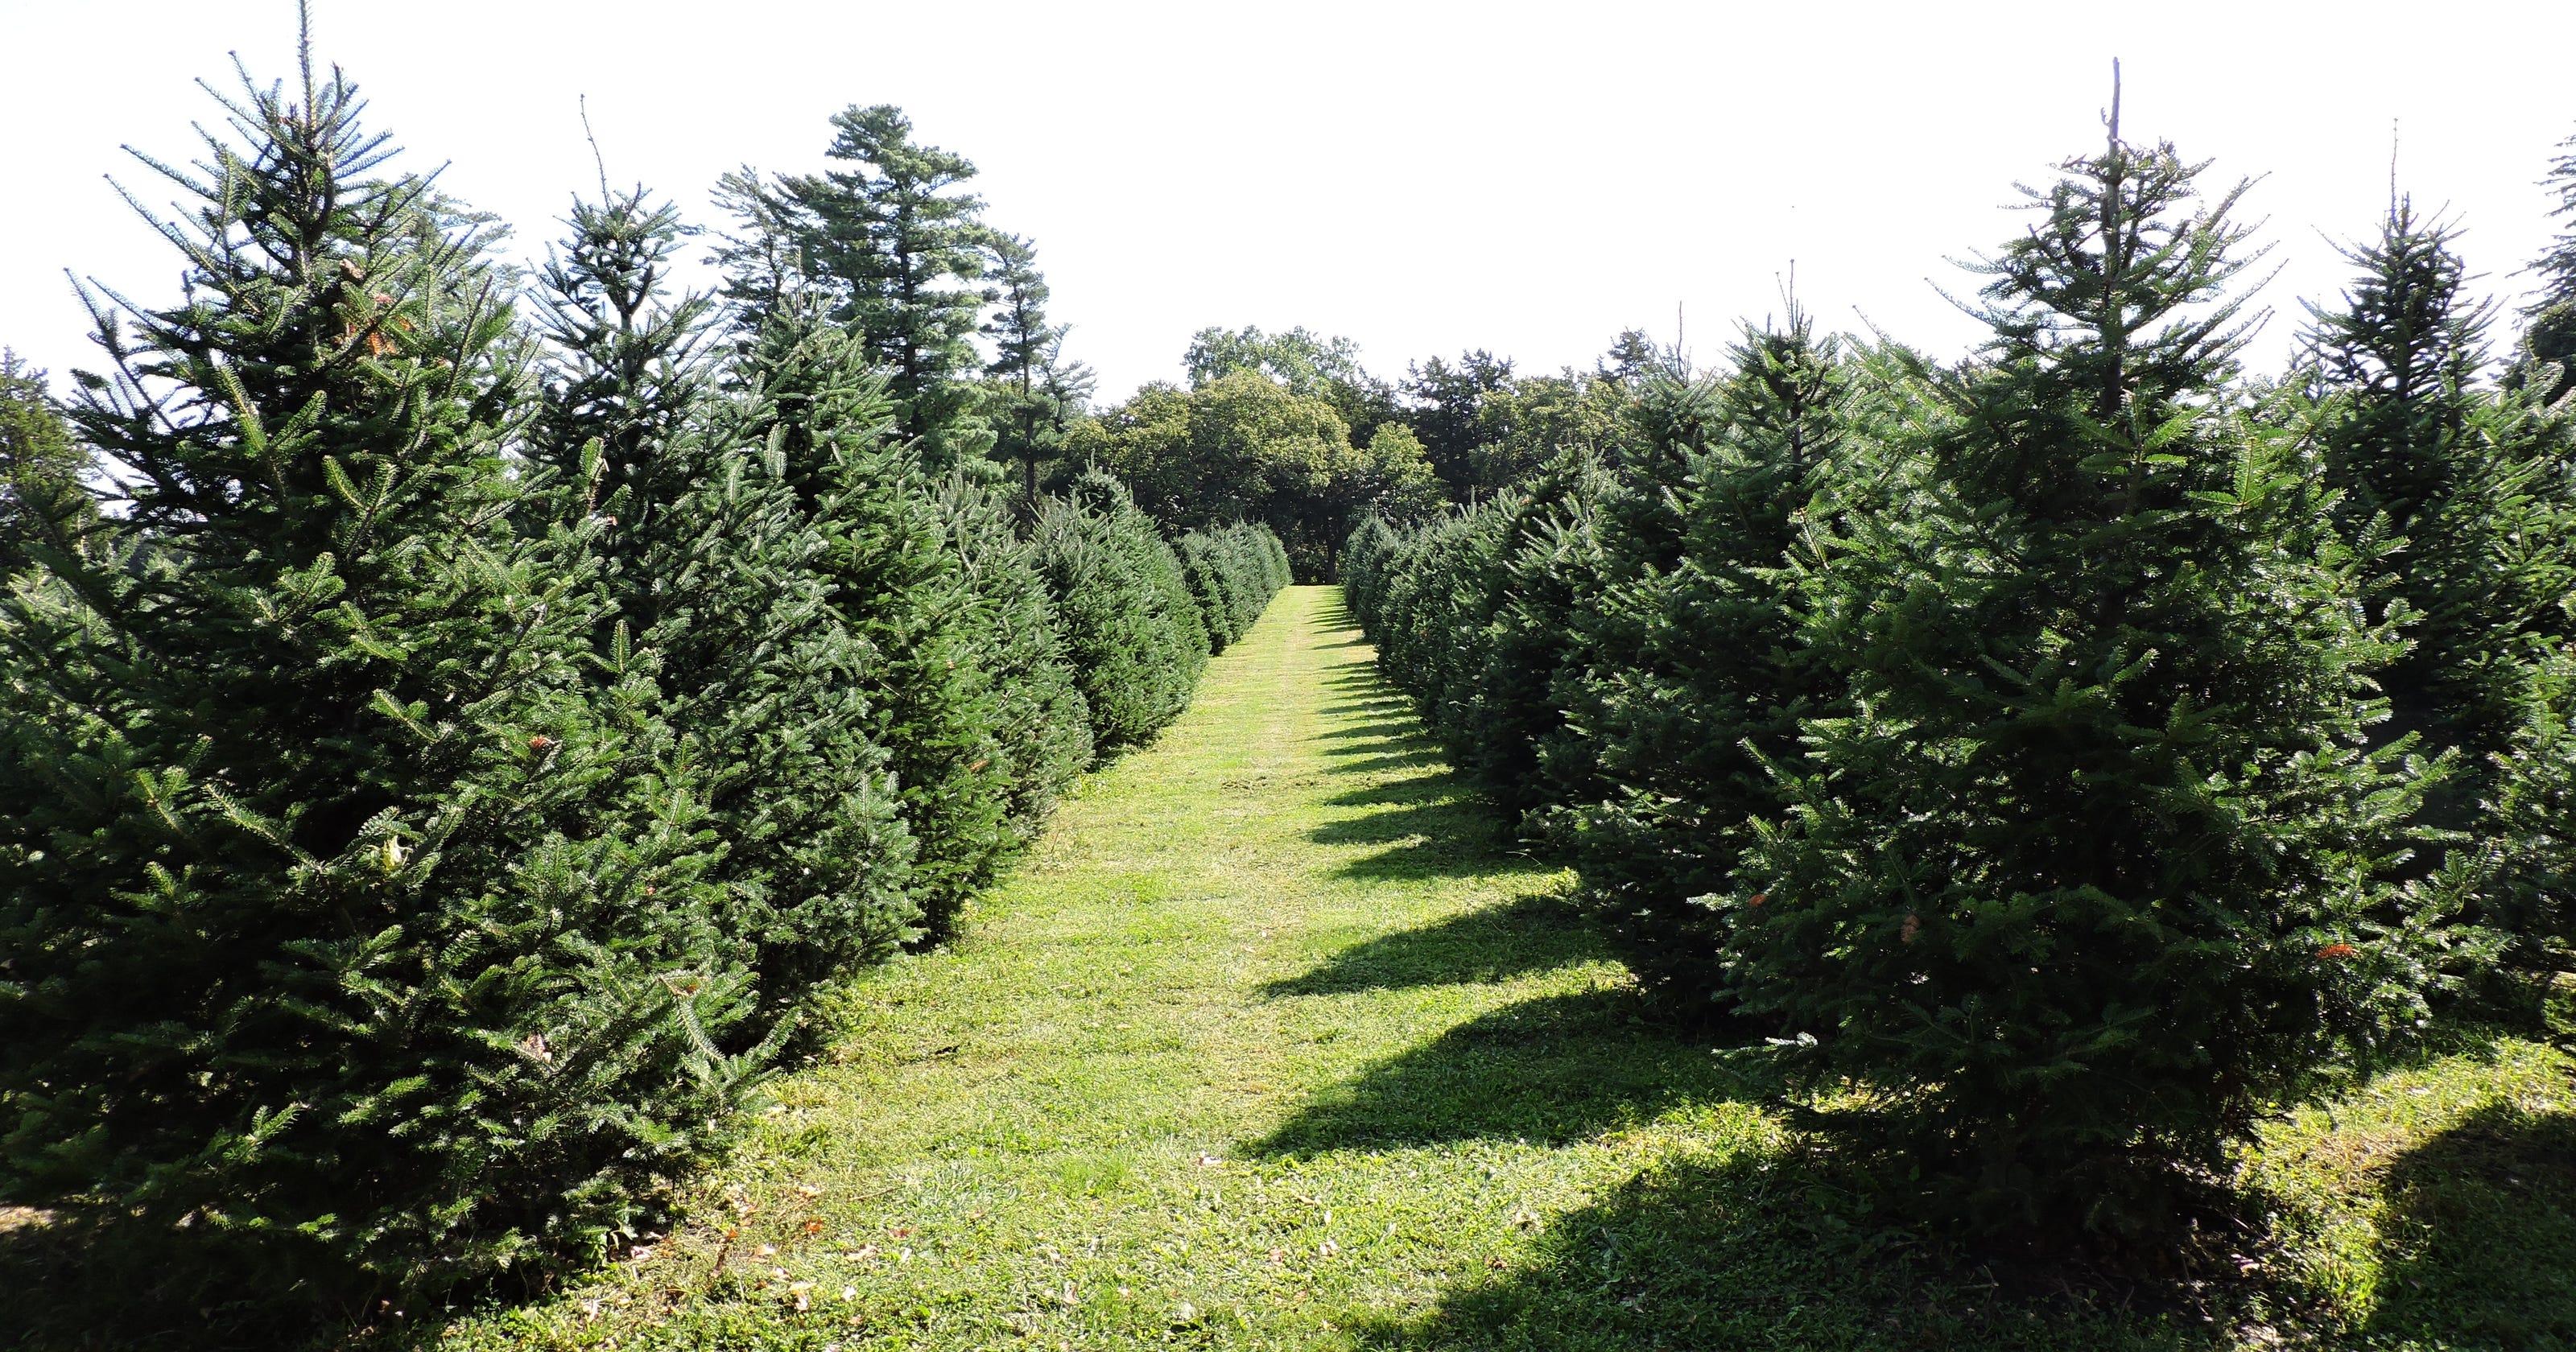 10 Of Iowa's Best Christmas Tree Farms